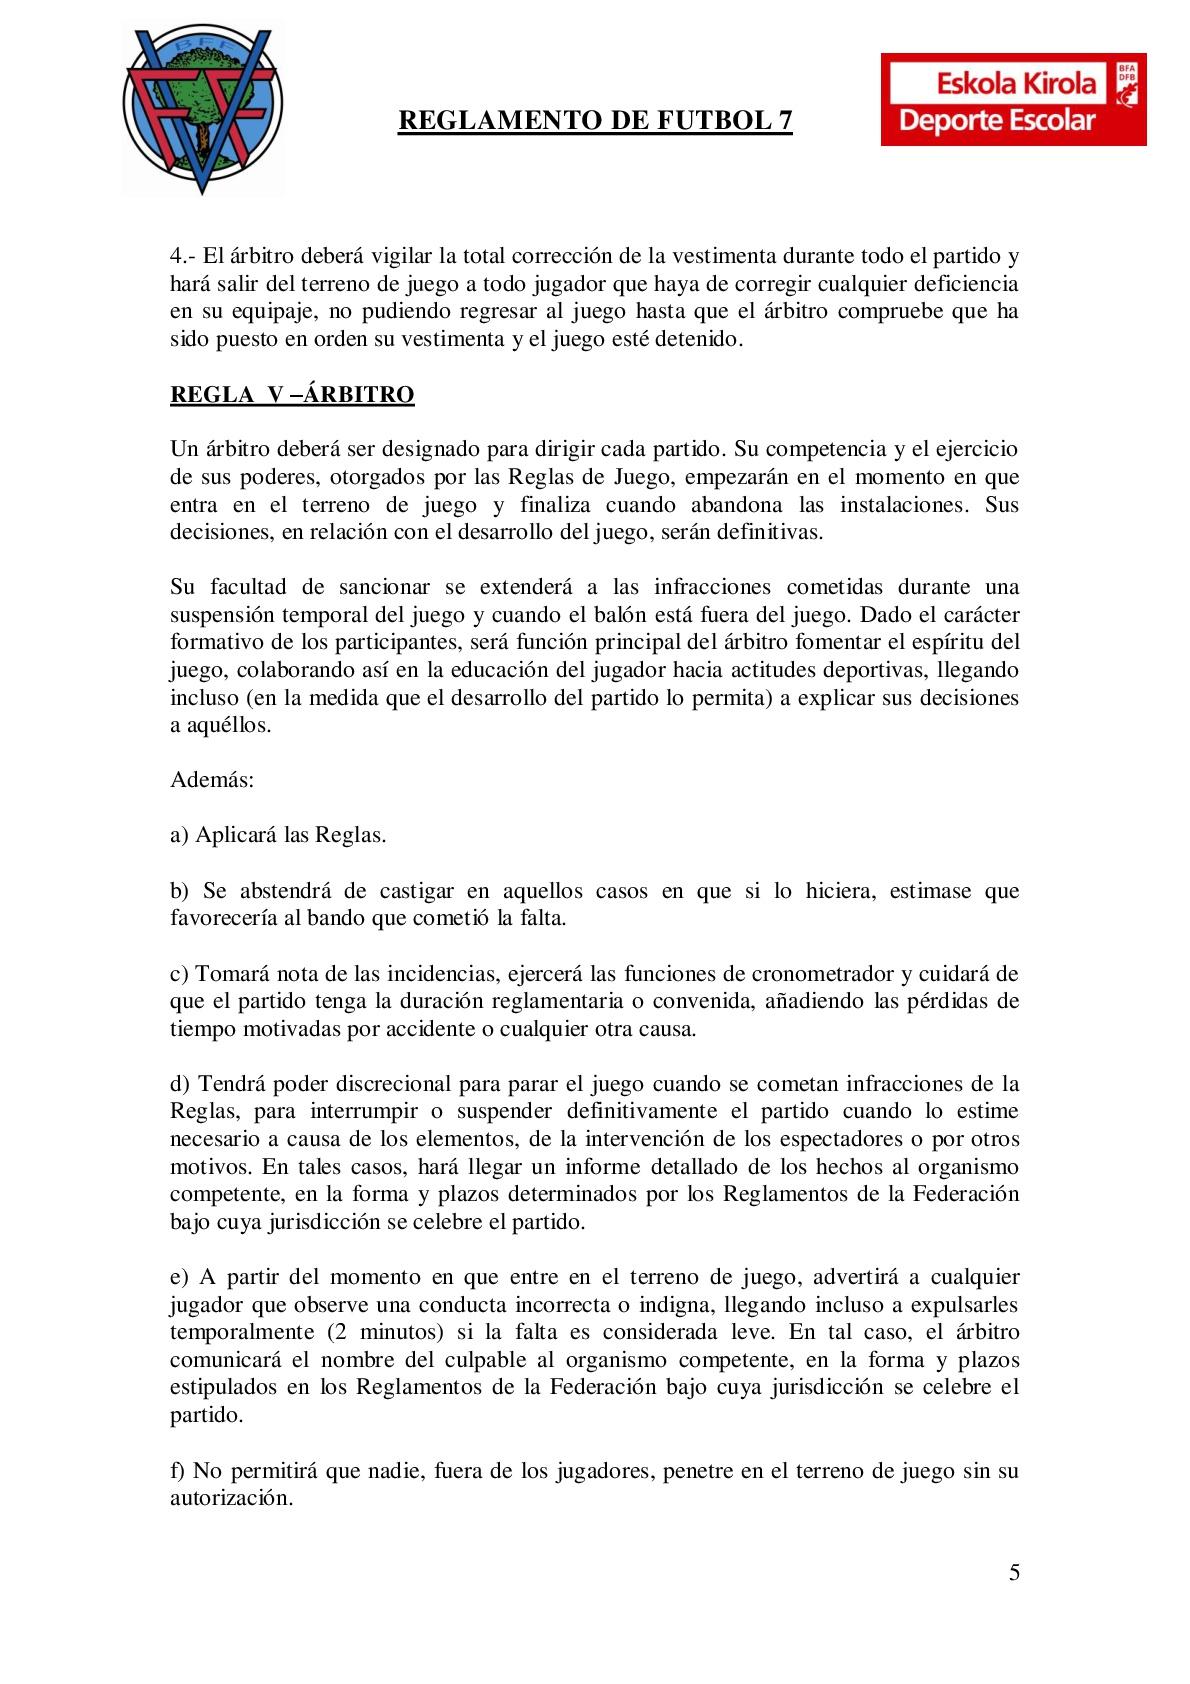 Reglamento-F7-005